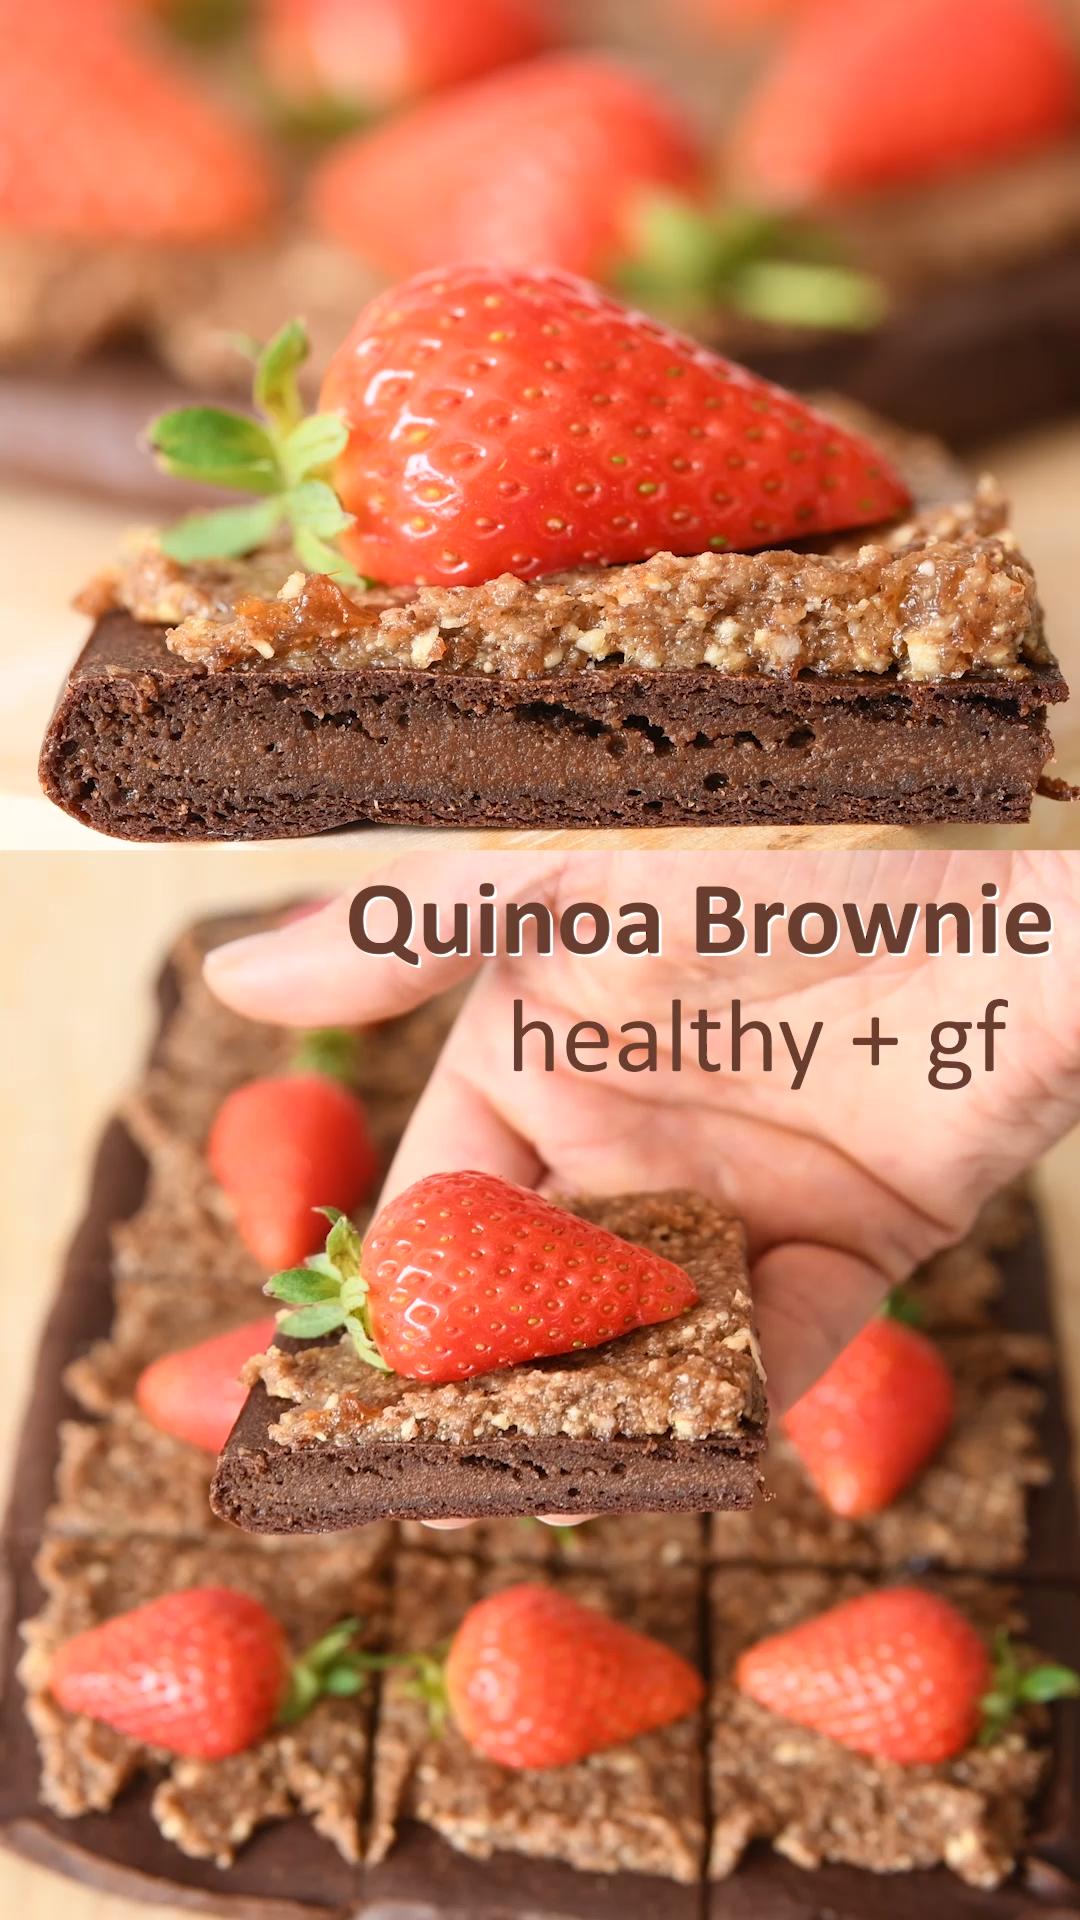 Quinoa Chocolate Brownie - 4 Ingredients #amazingcakes